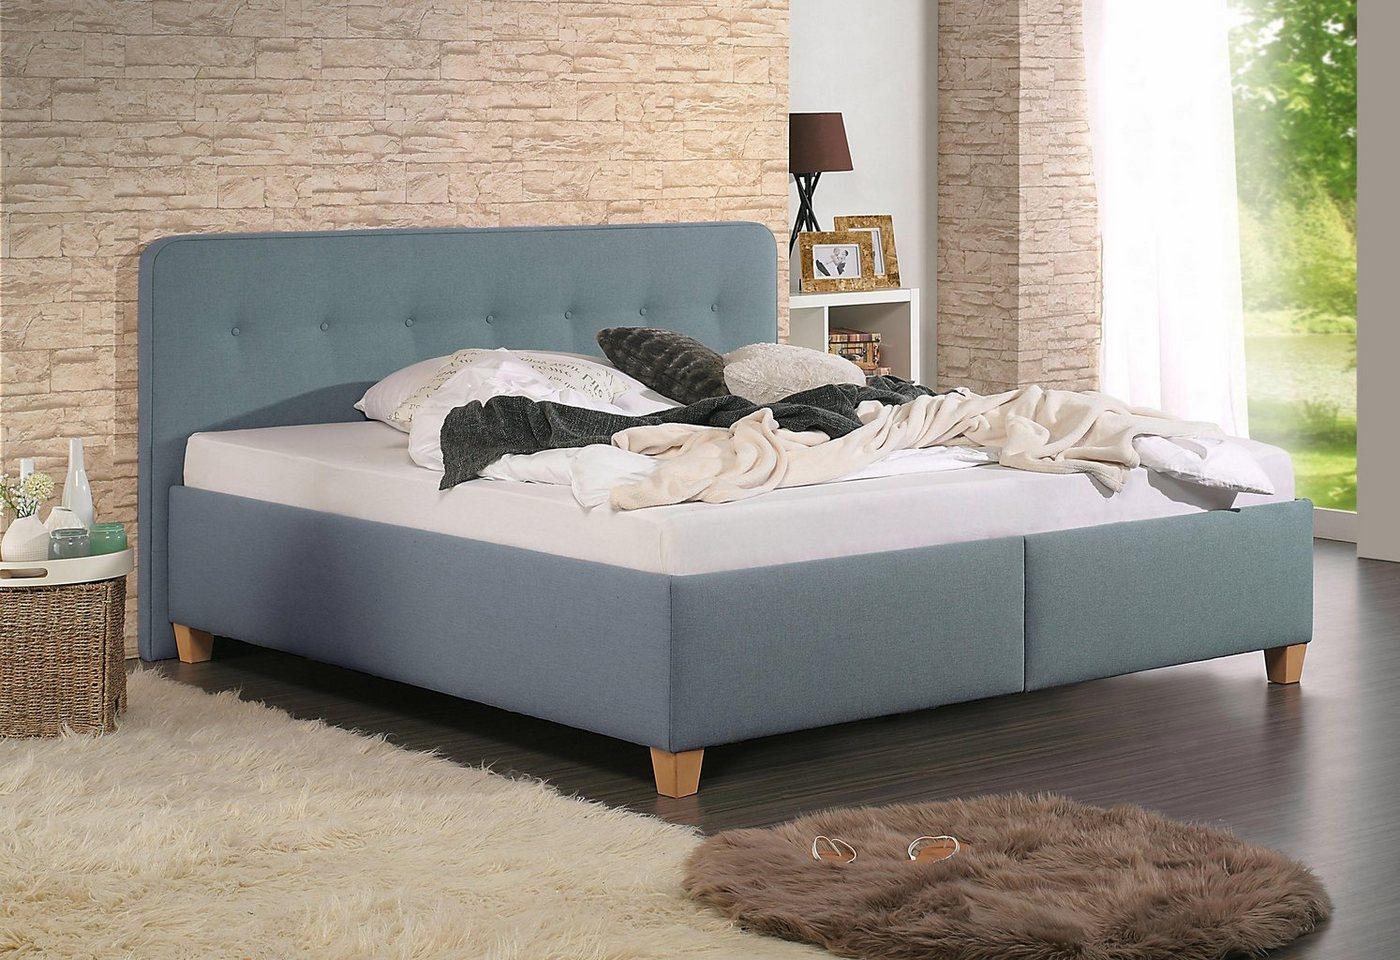 HOME AFFAIRE bekleed ledikant Figaro met of zonder matras in 2 uitvoeringen, hardheid 2 of 3